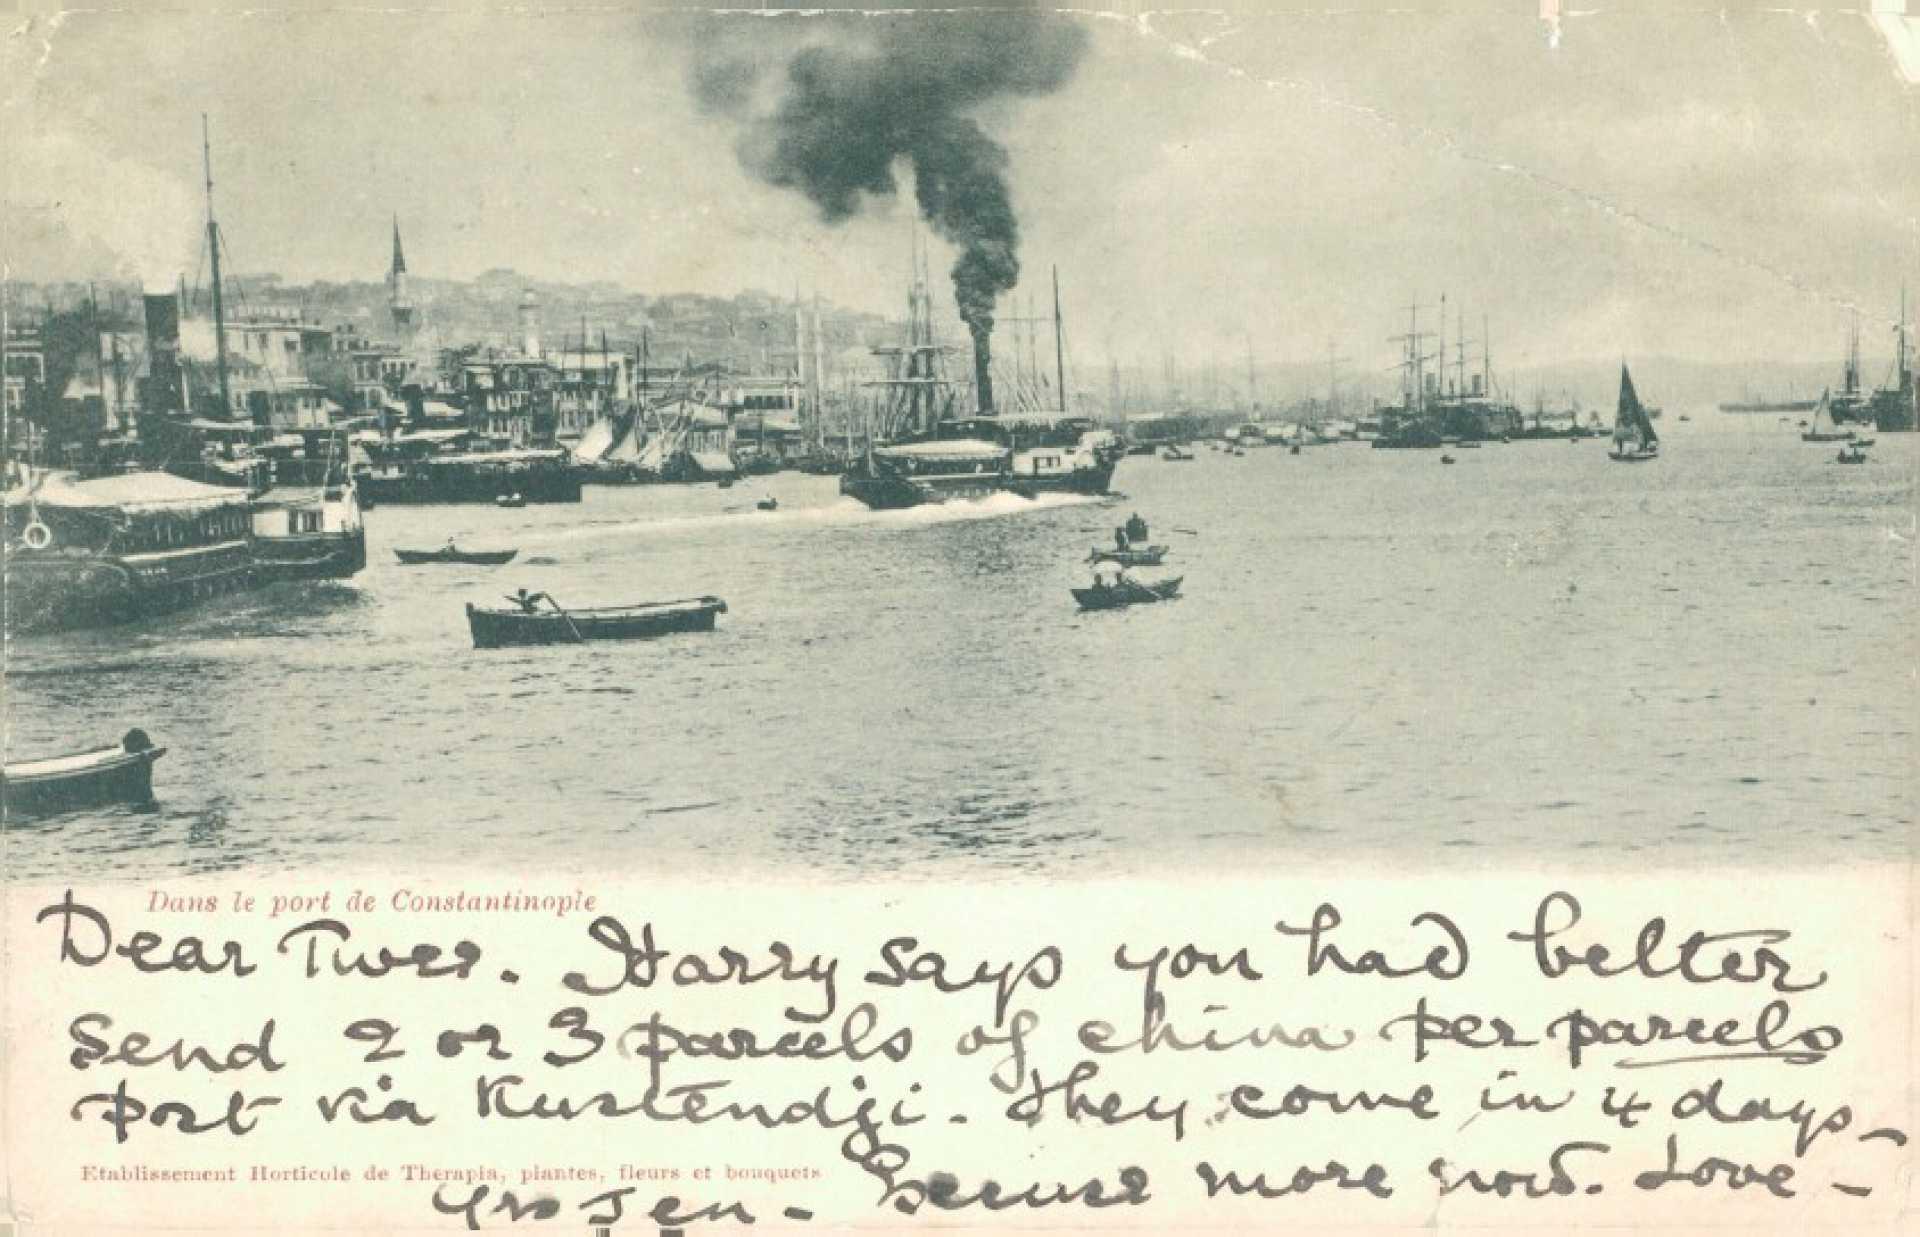 Dans le port de Constantinople